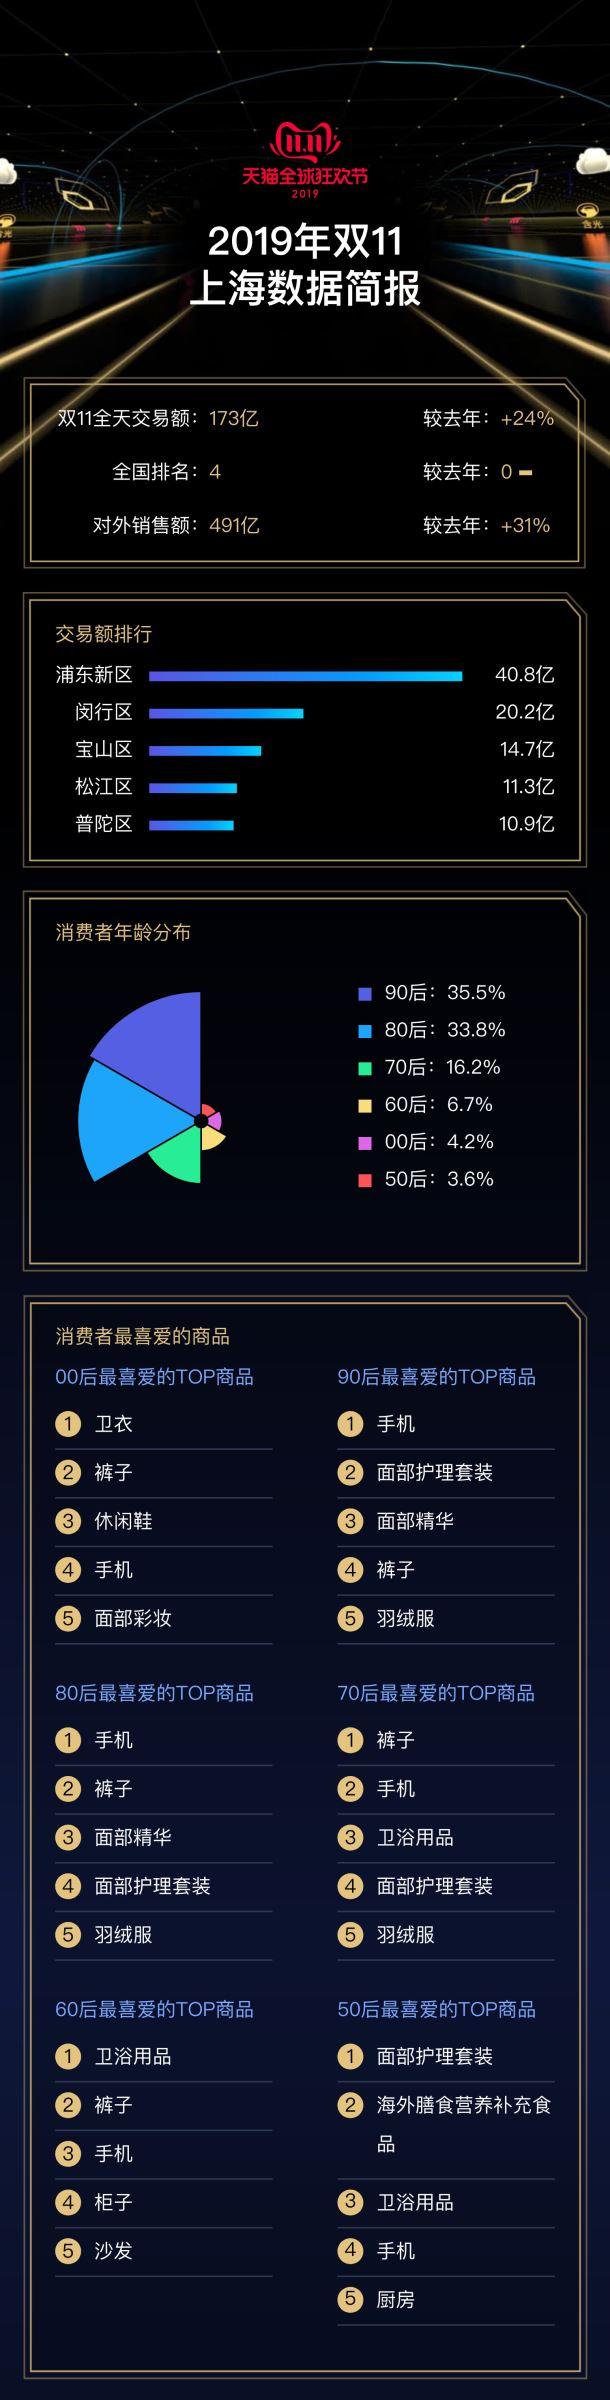 """2019天猫双十一上海""""剁手""""能力第四 钱都花在哪里了?"""